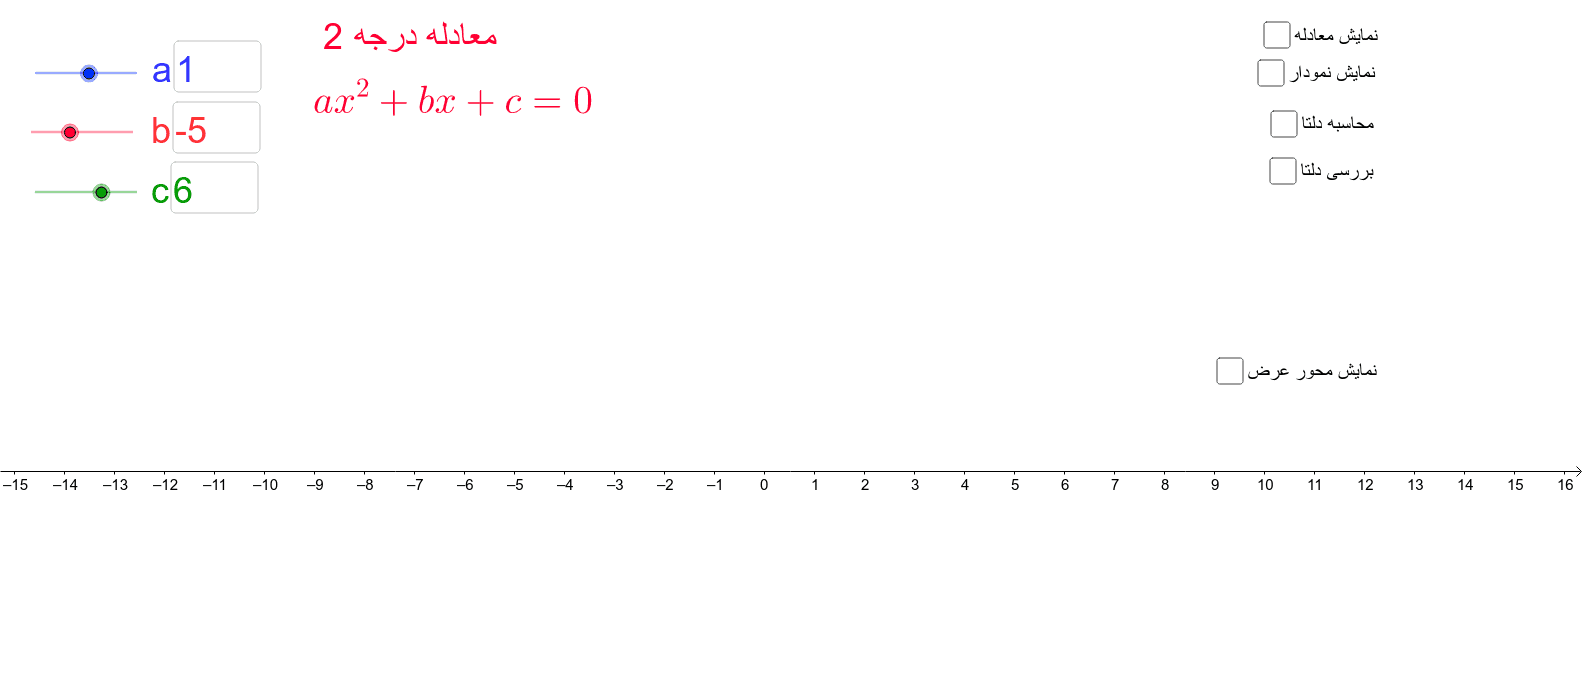 با درگ کردن یا وارد کردن اعداد در کادرها و زدن اینتر می توان ضرائب را تغییر داد Press Enter to start activity